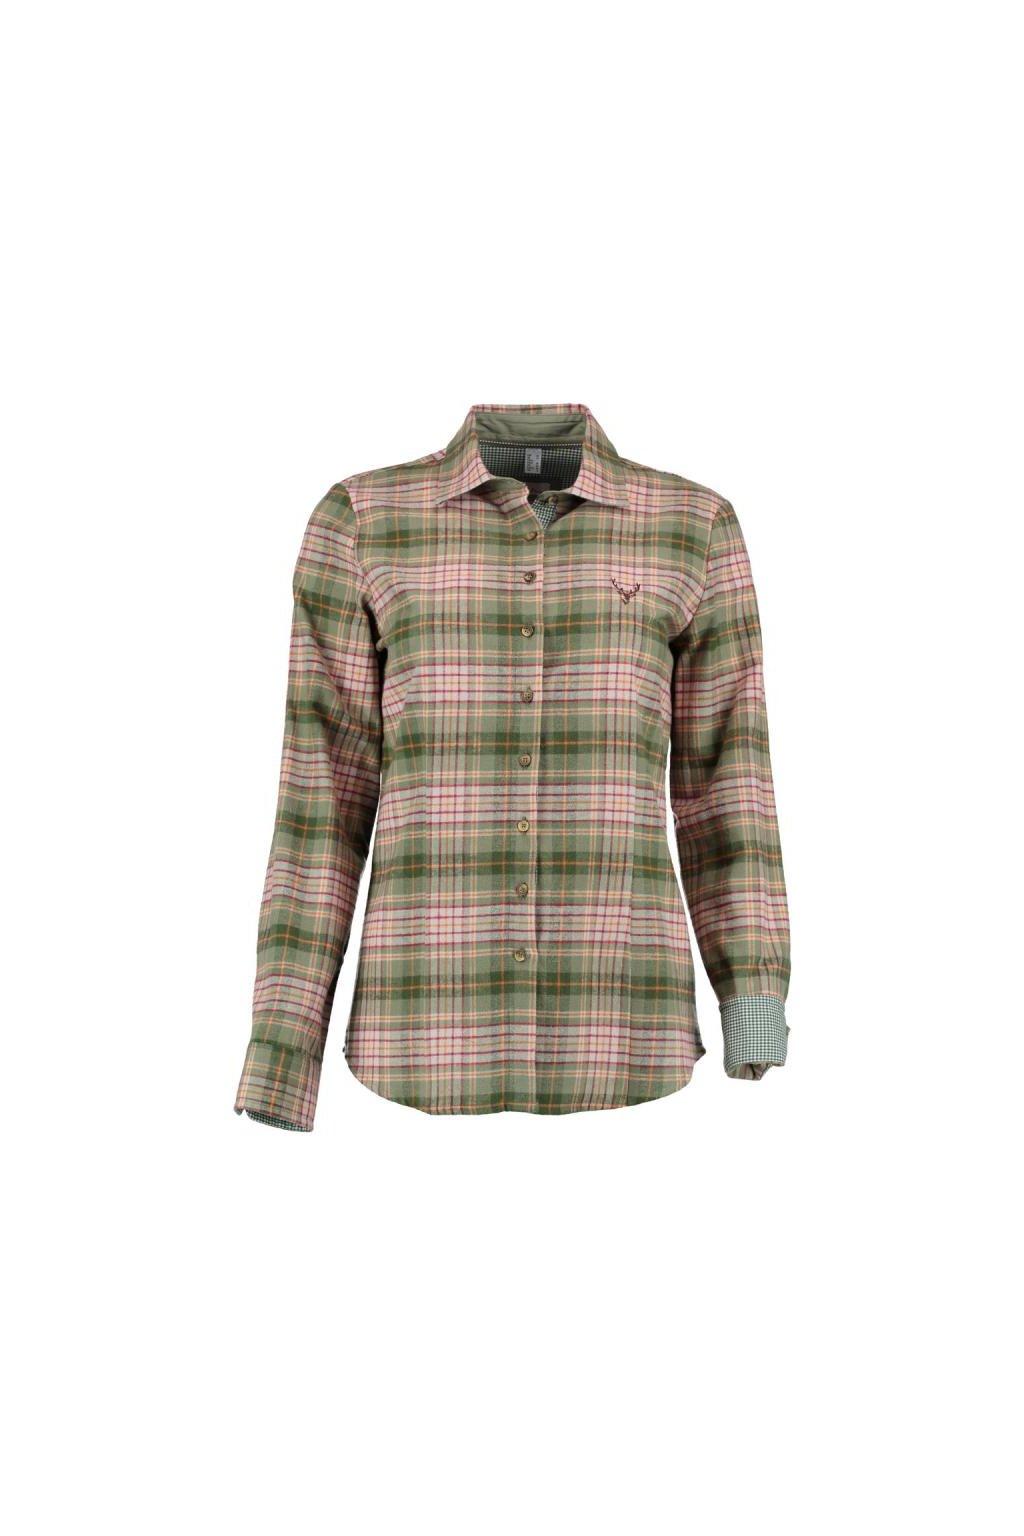 Orbis - košile dámská flanel s dlouhým rukávem (3870)